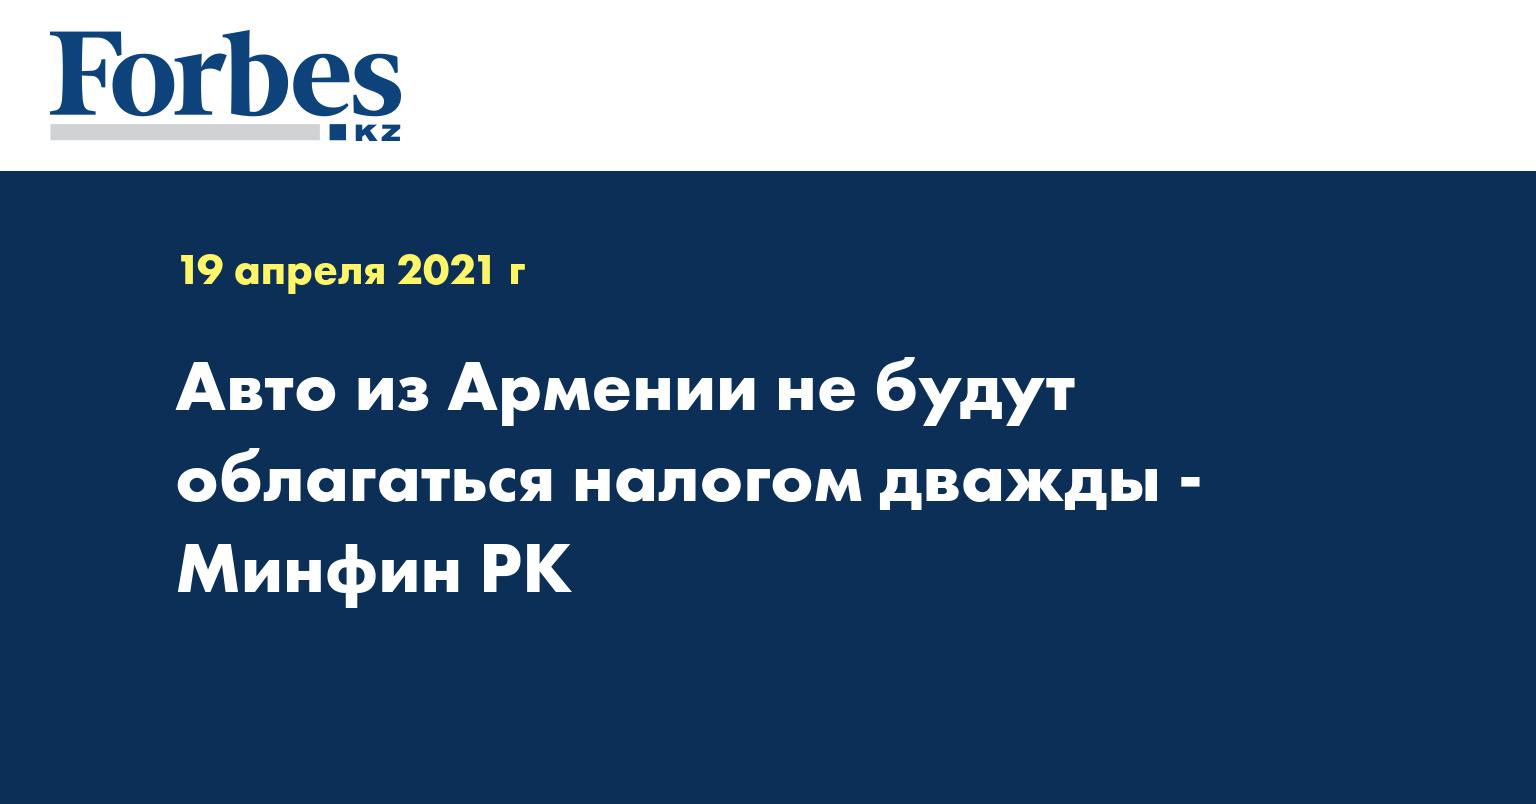 Авто из Армении не будут облагаться налогом дважды - Минфин РК